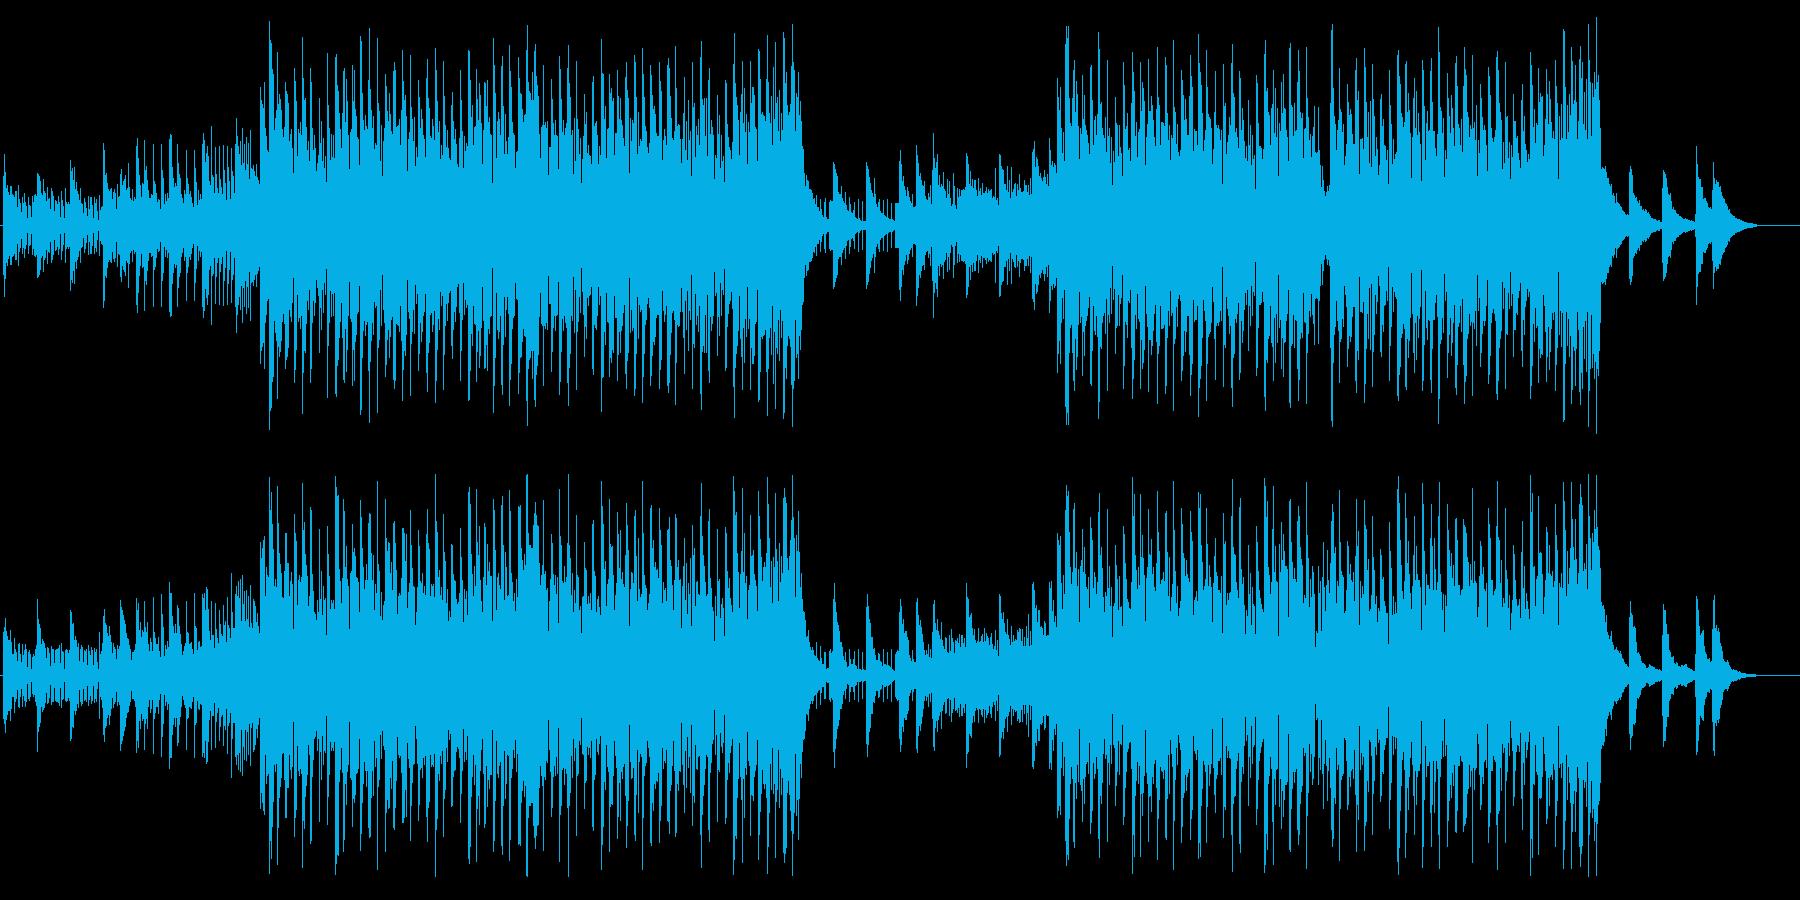 スピード感のあるEDM トランスの再生済みの波形